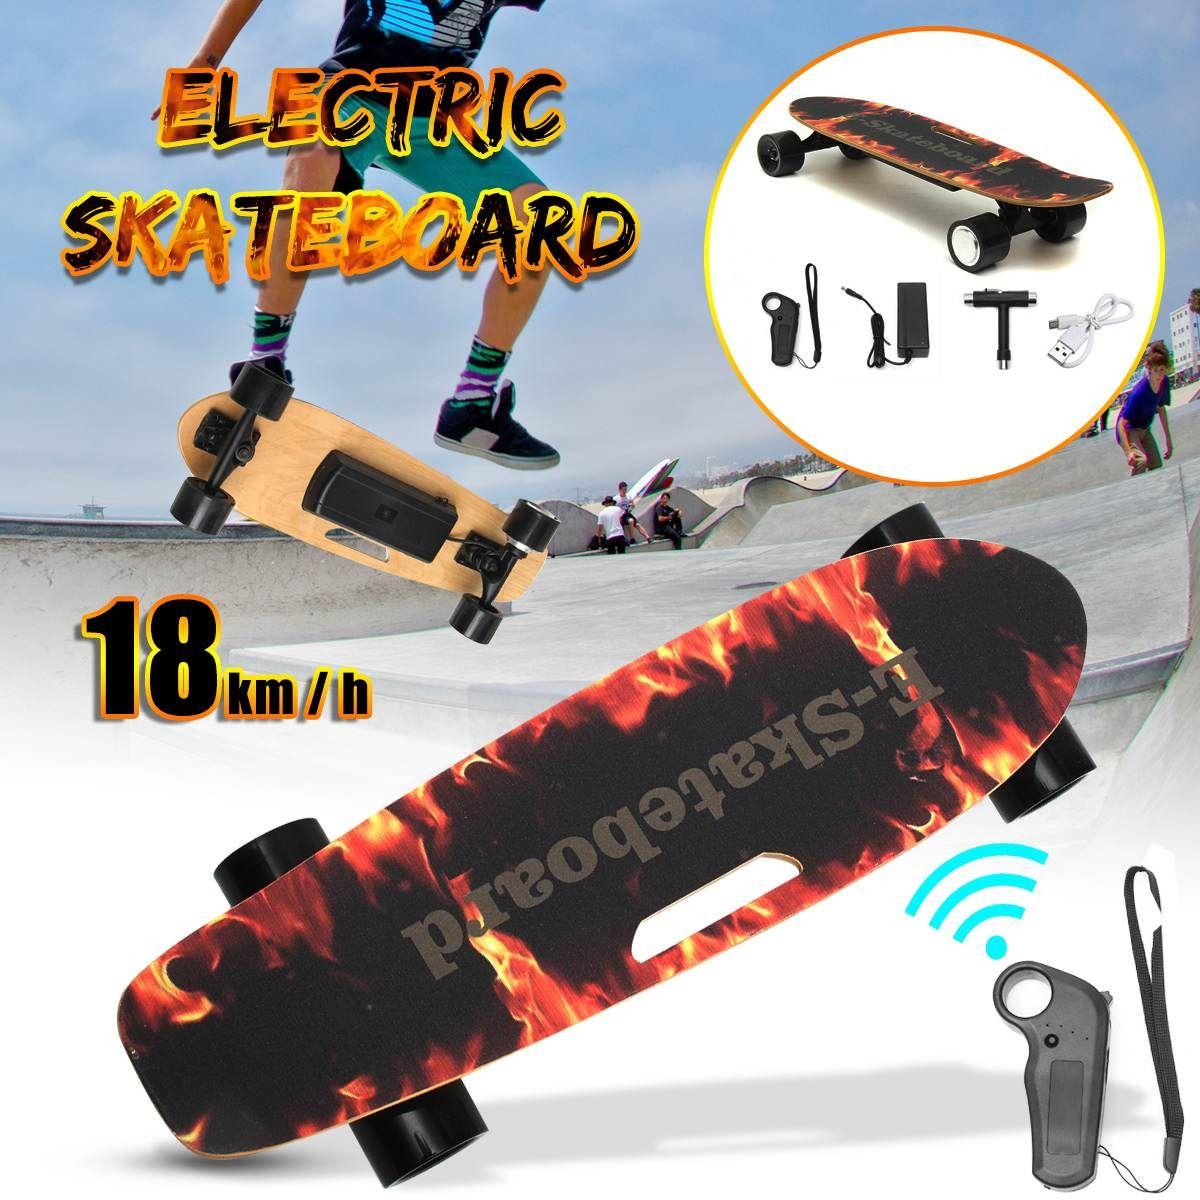 Elektrische Skateboard Vier-rad Longboard Skate Bord Ahorn Deck Drahtlose Fernsteuerungs Für Erwachsene Kinder